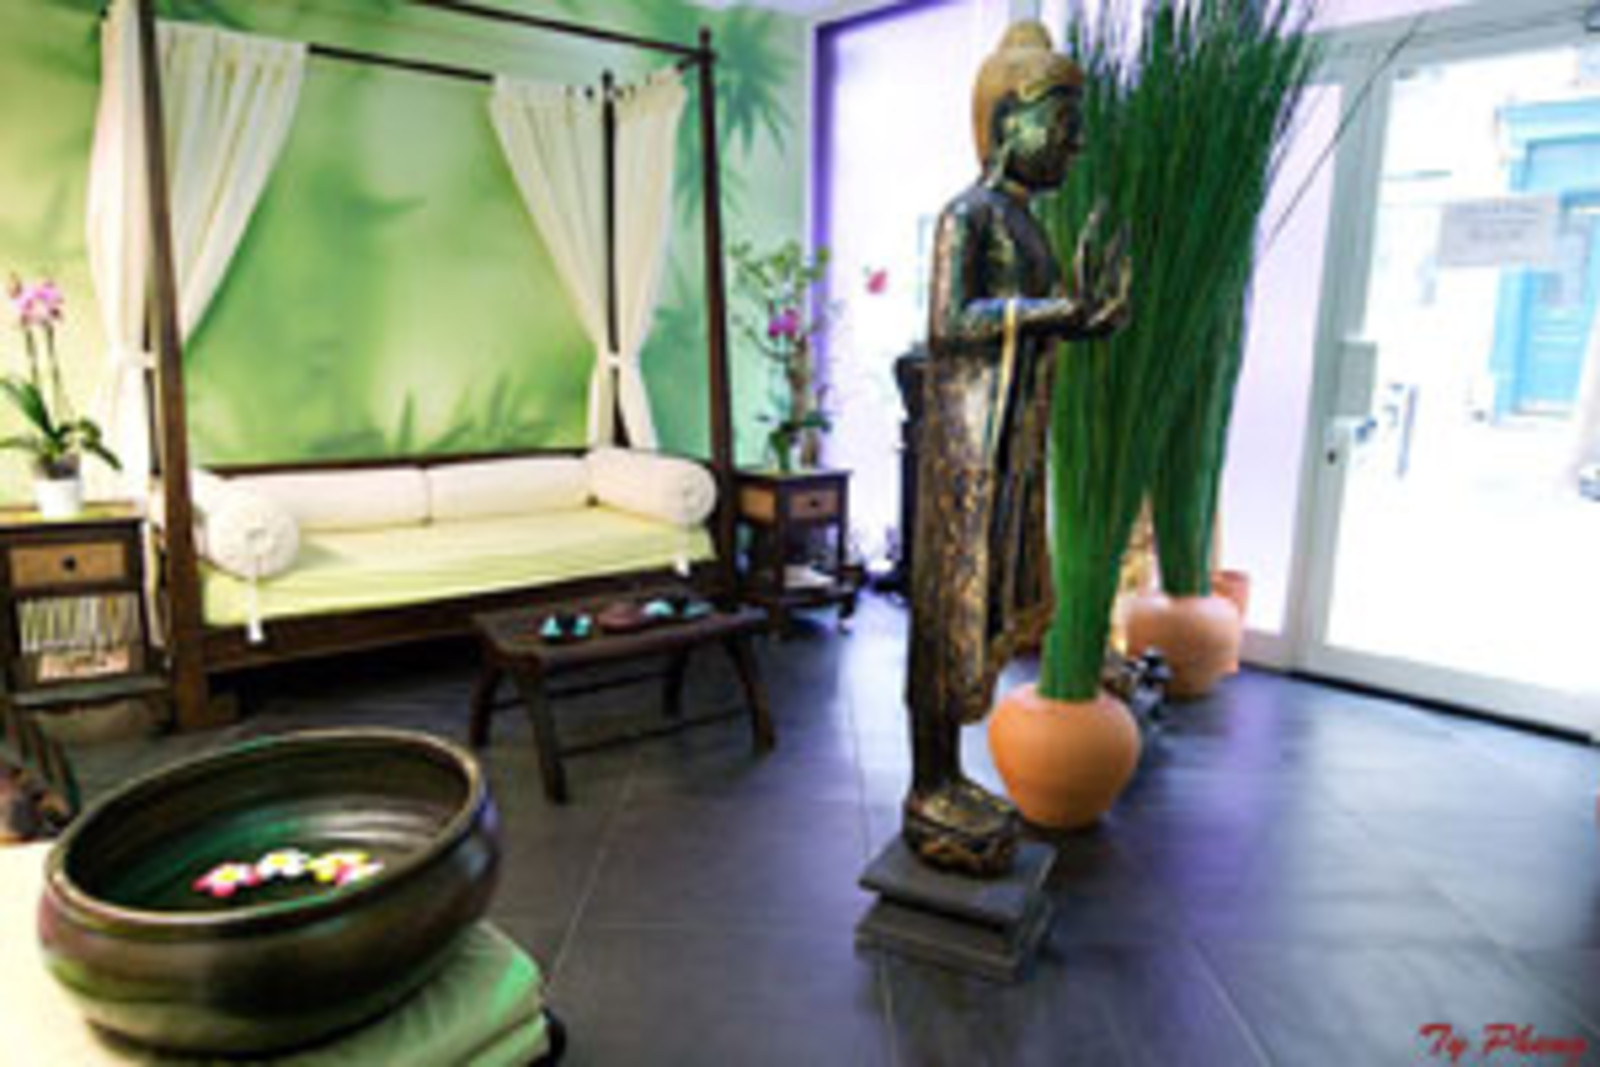 modelage pour 2 chez tha harmonie spa paris 2e 75 wonderbox. Black Bedroom Furniture Sets. Home Design Ideas